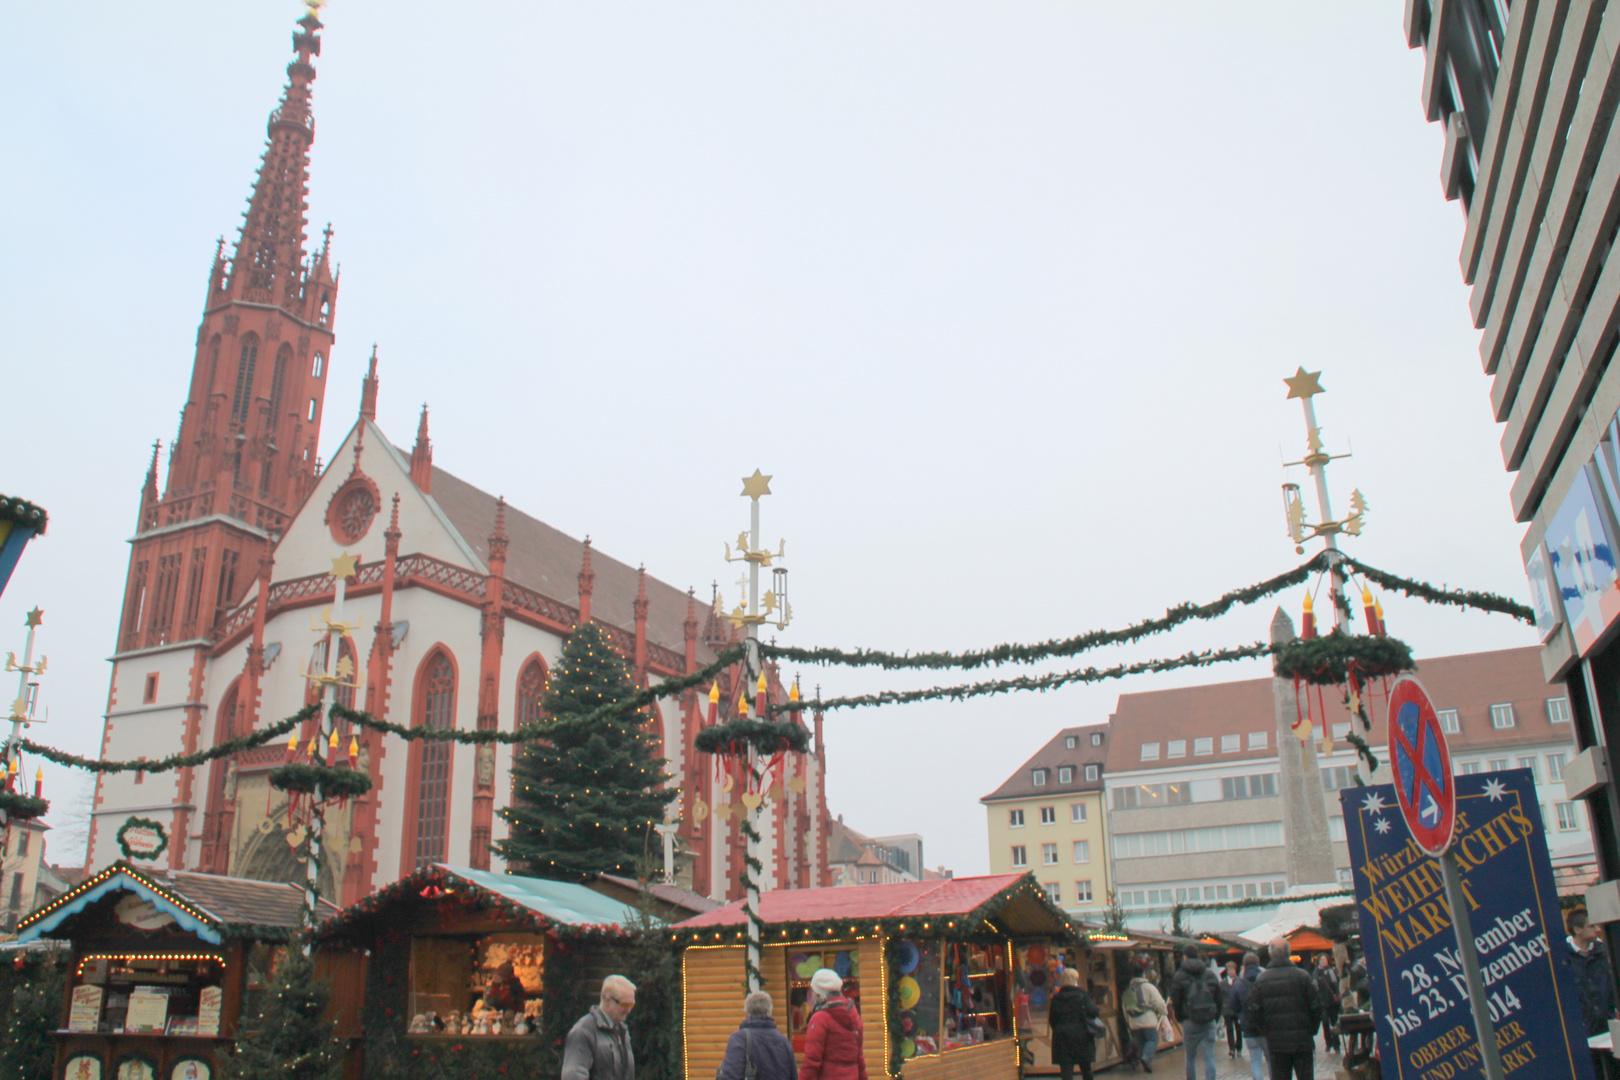 Würzburg, der Weihnachtsmarkt an der Marienkapelle